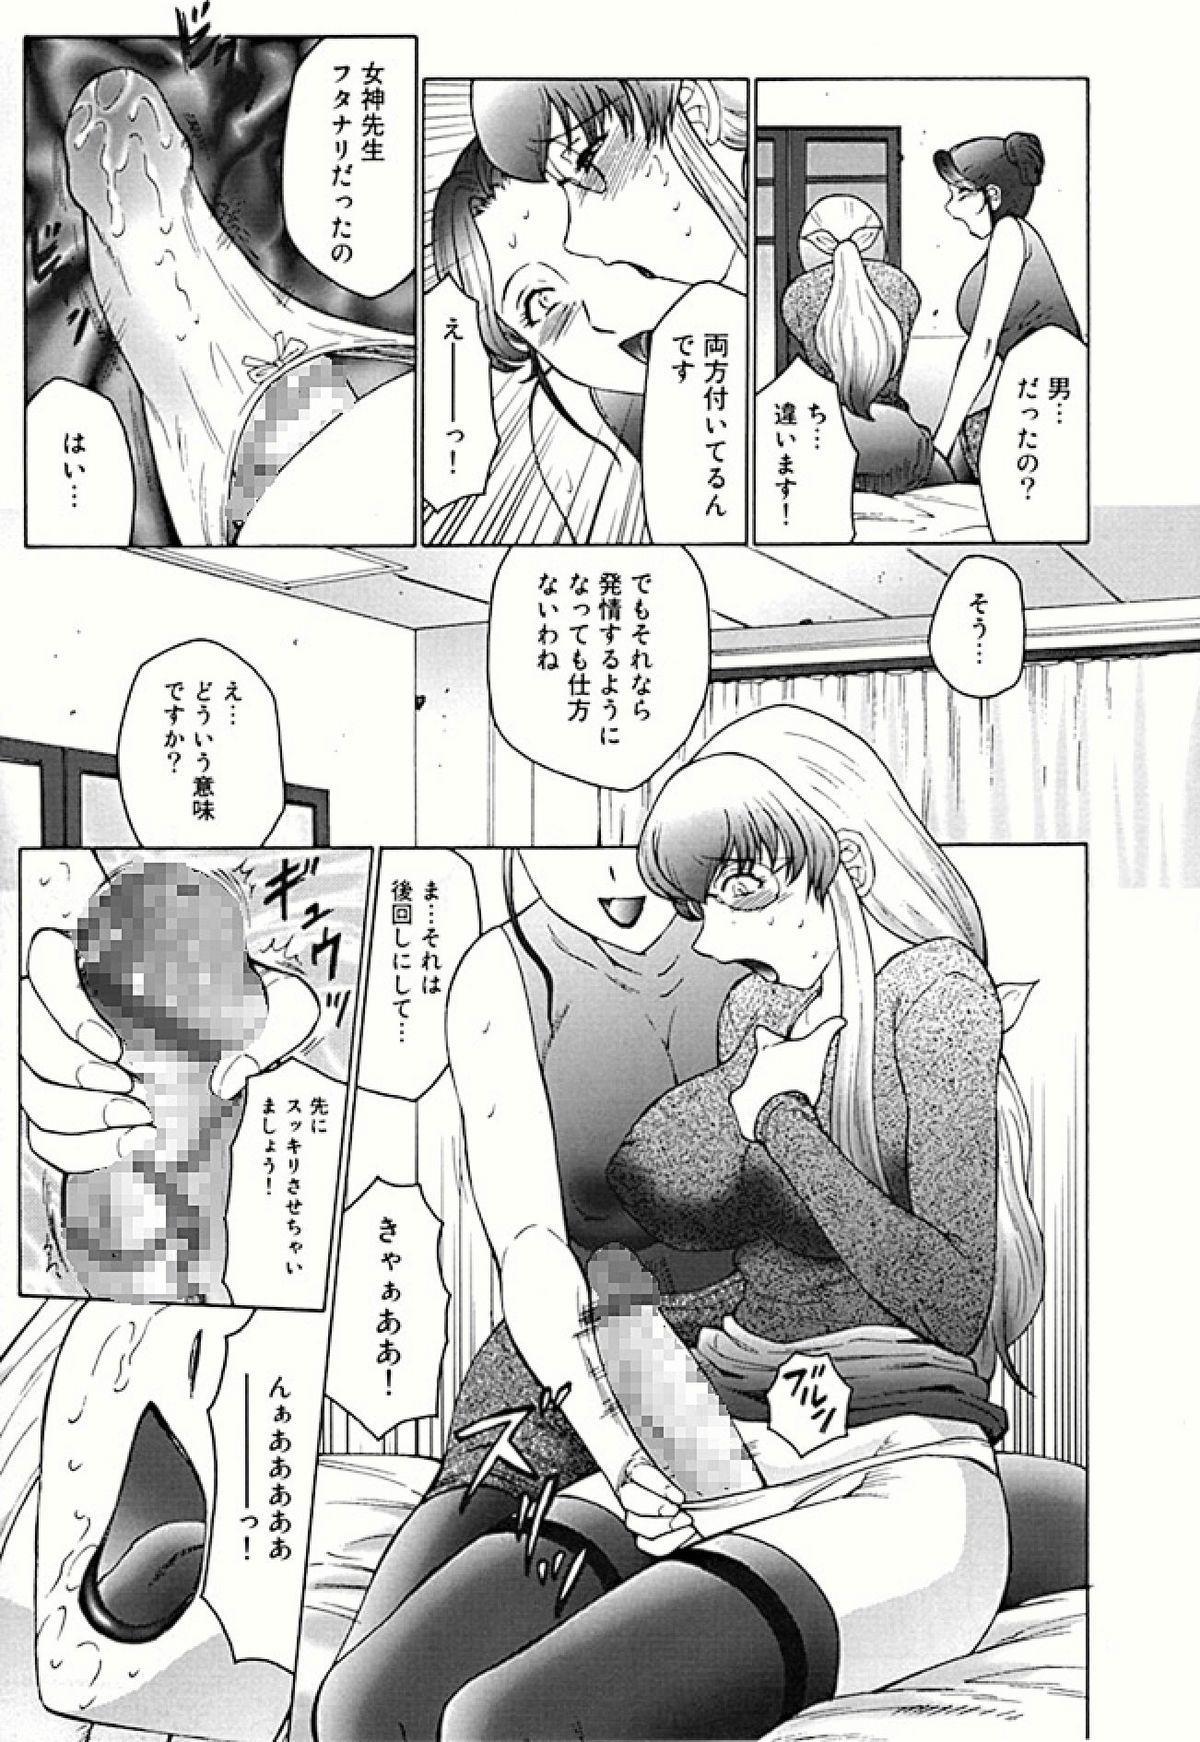 Futagami - Futanari Onna Kyoushi Zecchou Hiroku 14